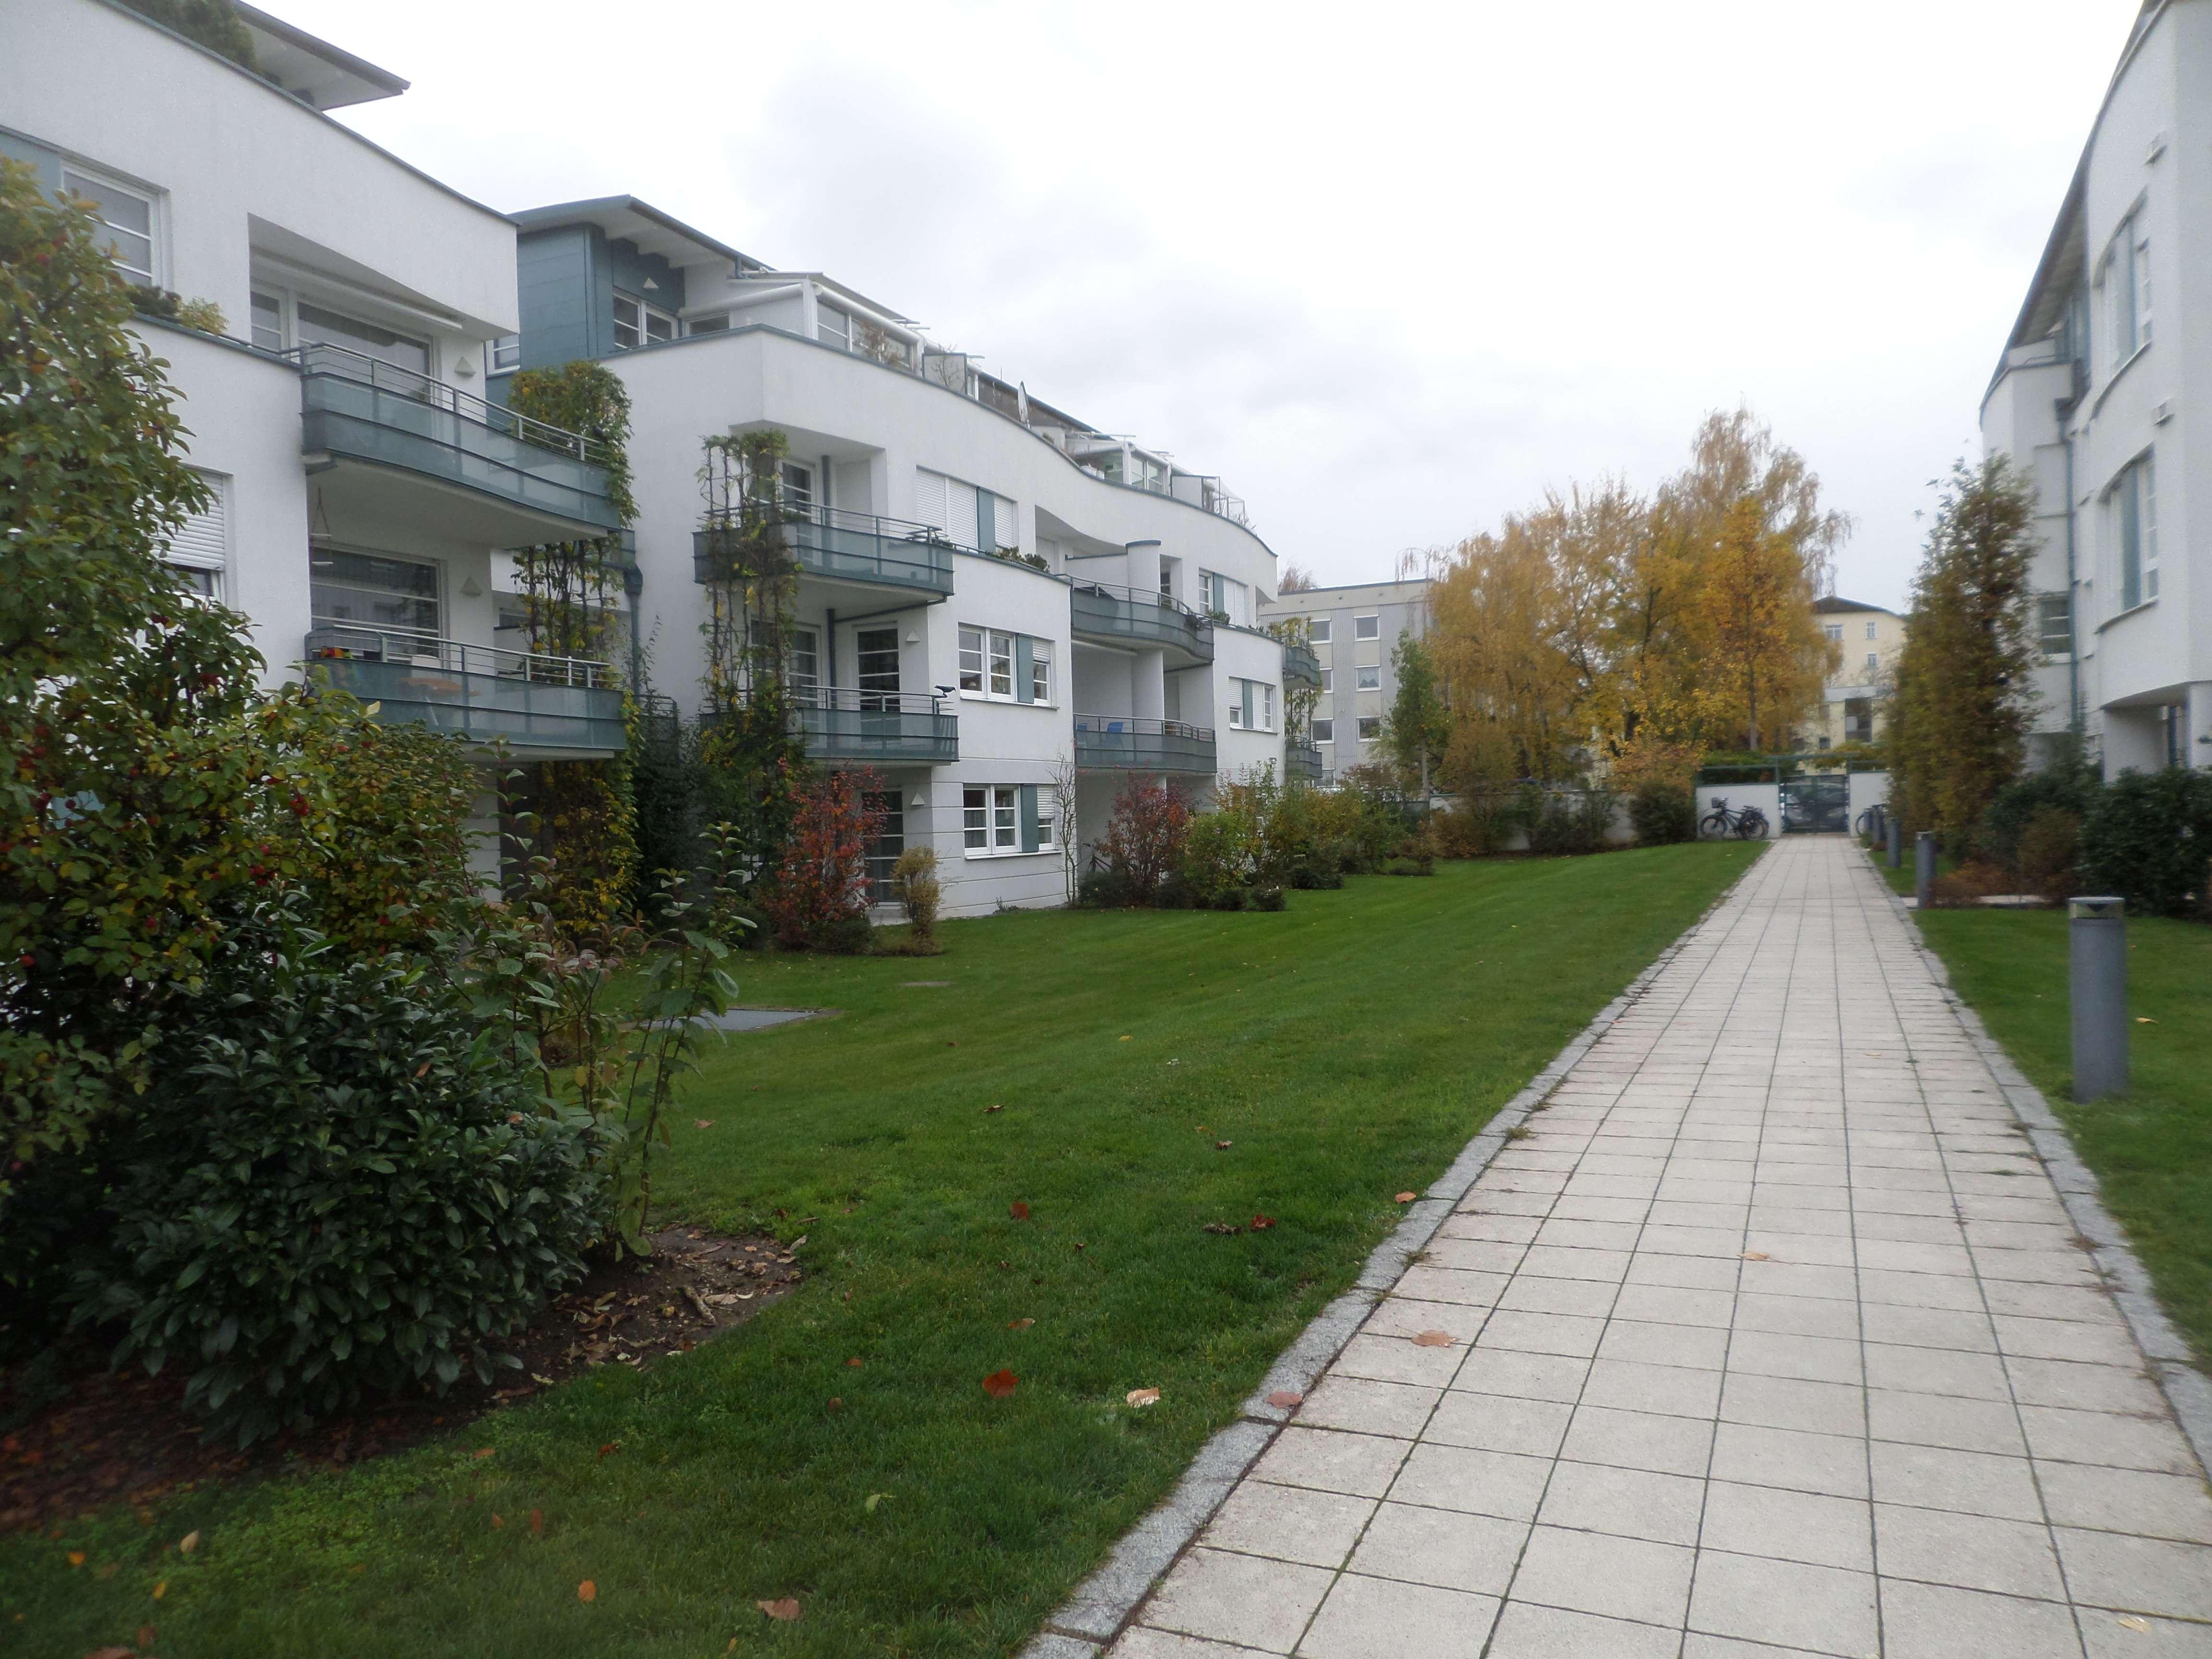 Wohnoase am Hochweg in Westenviertel (Regensburg)